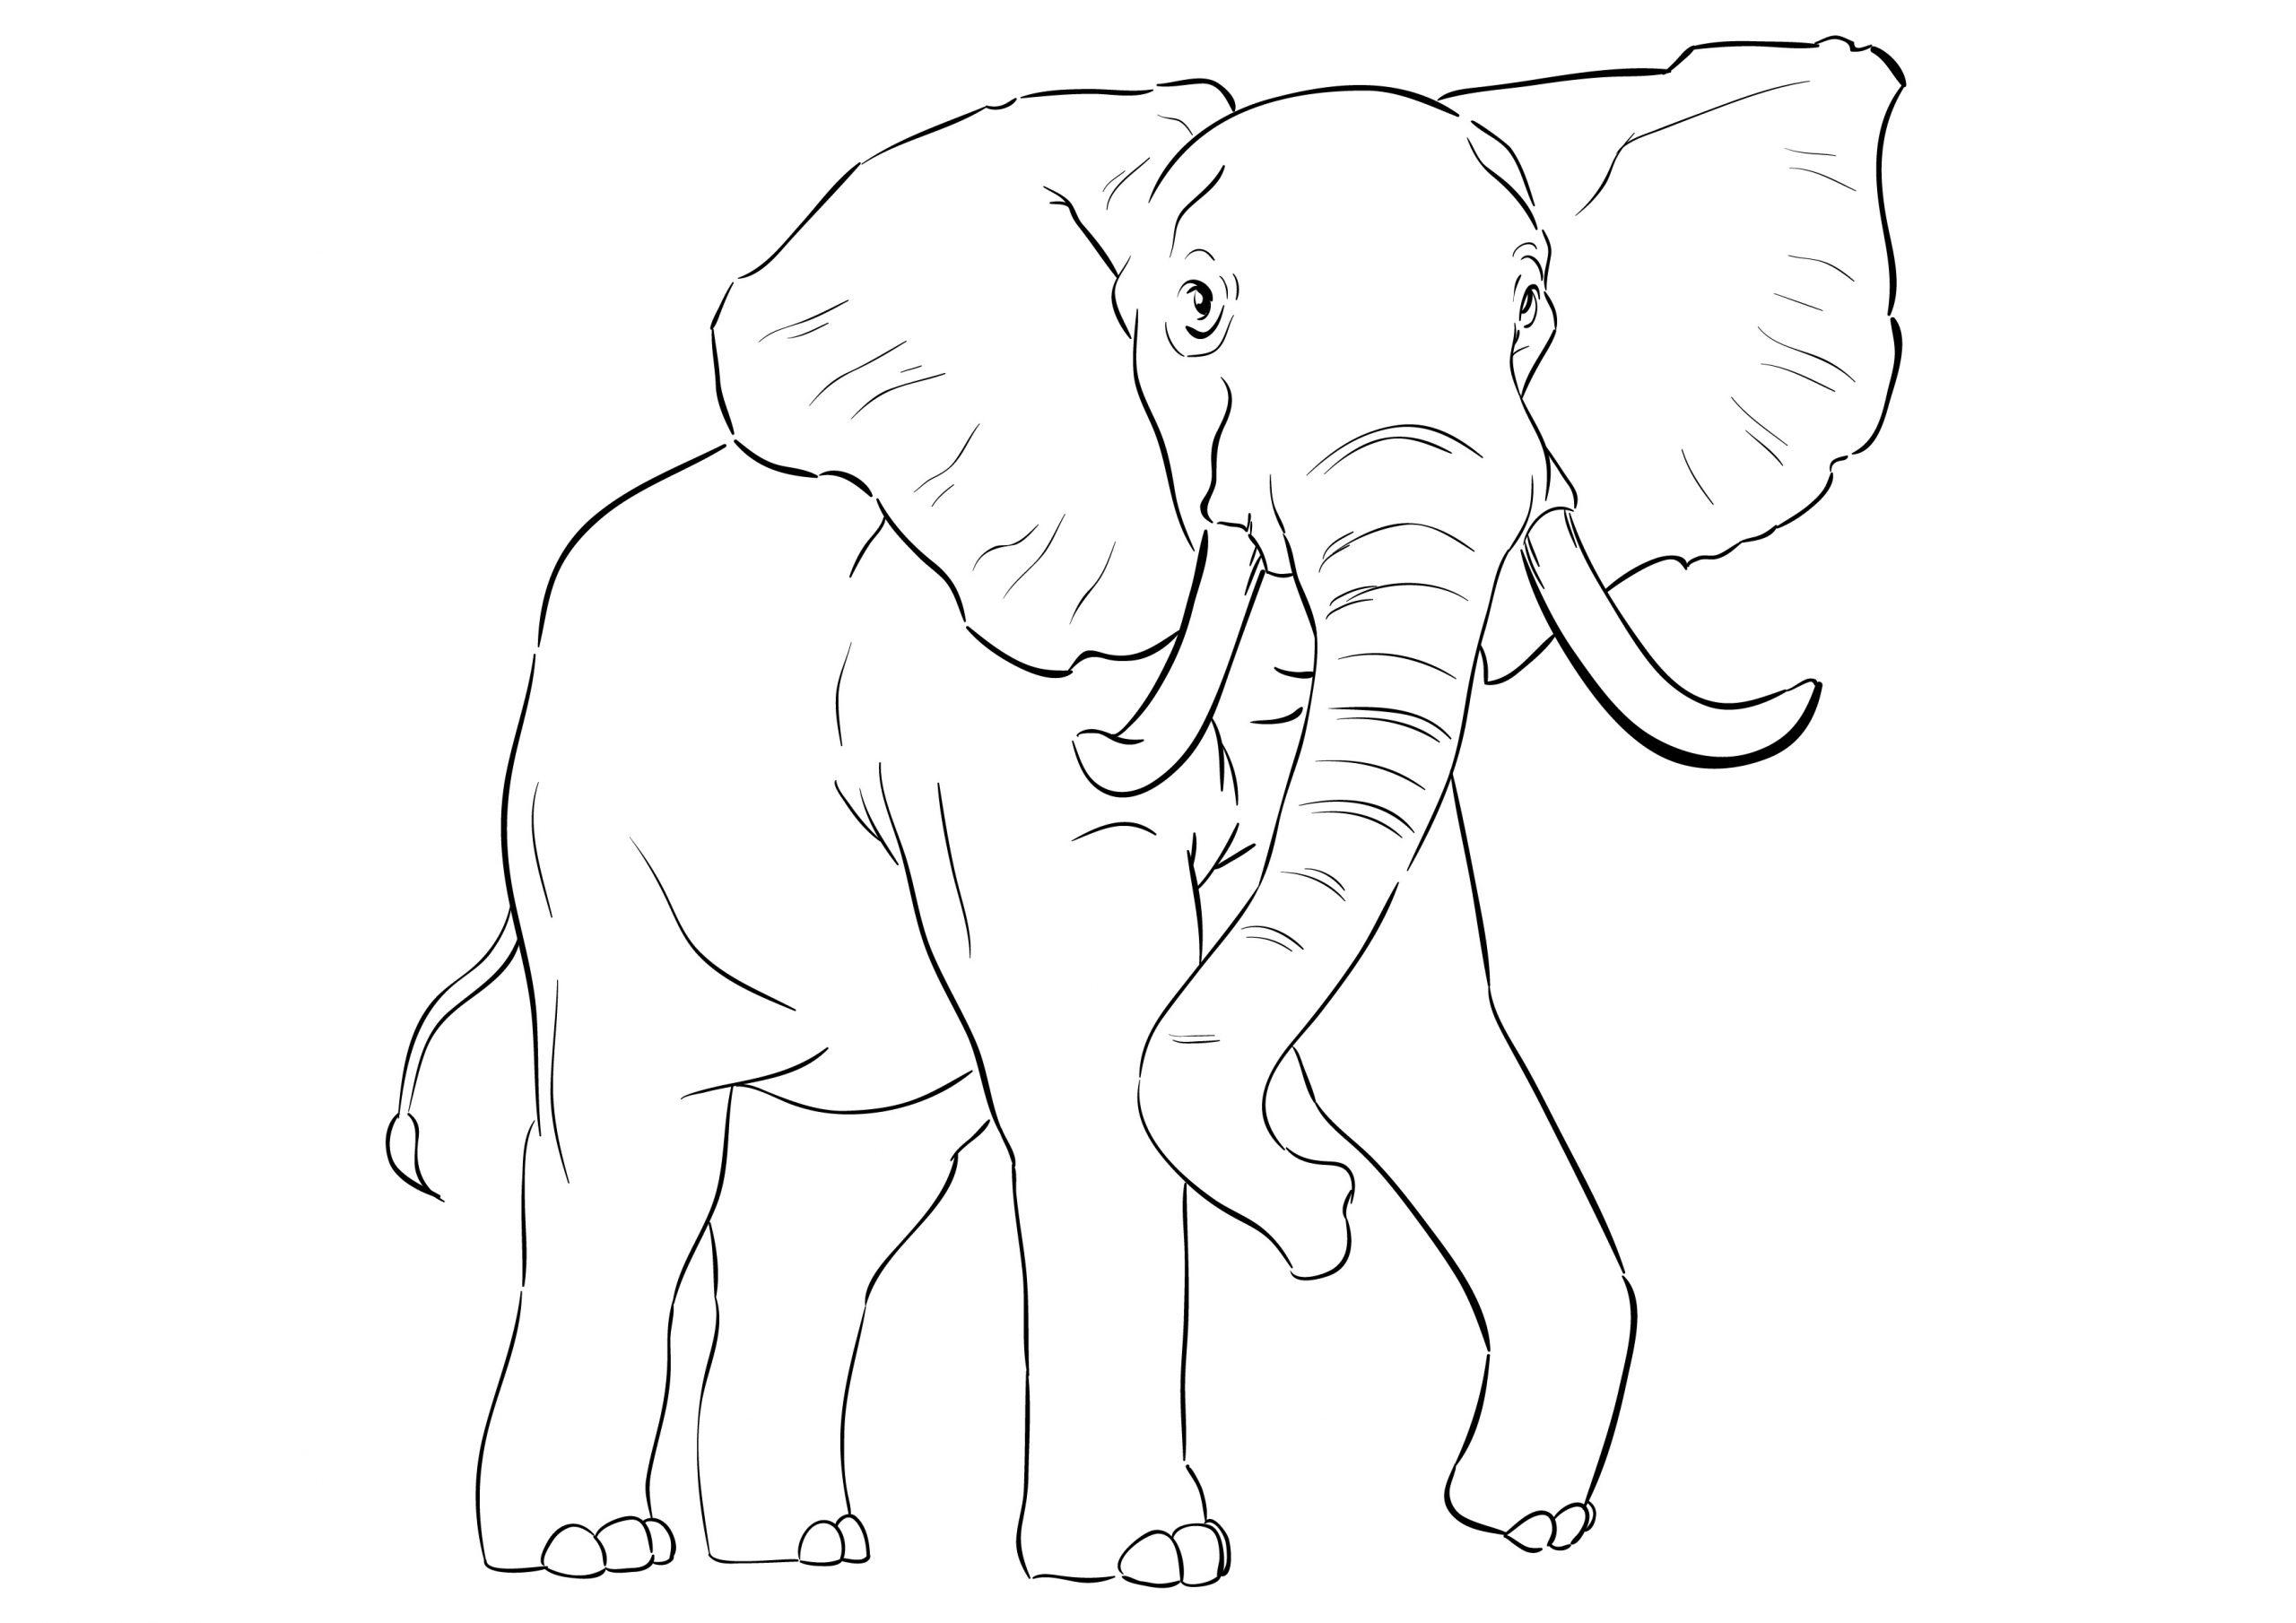 Elefant Malvorlage | Coloring And Malvorlagan ganzes Elefanten Malvorlagen